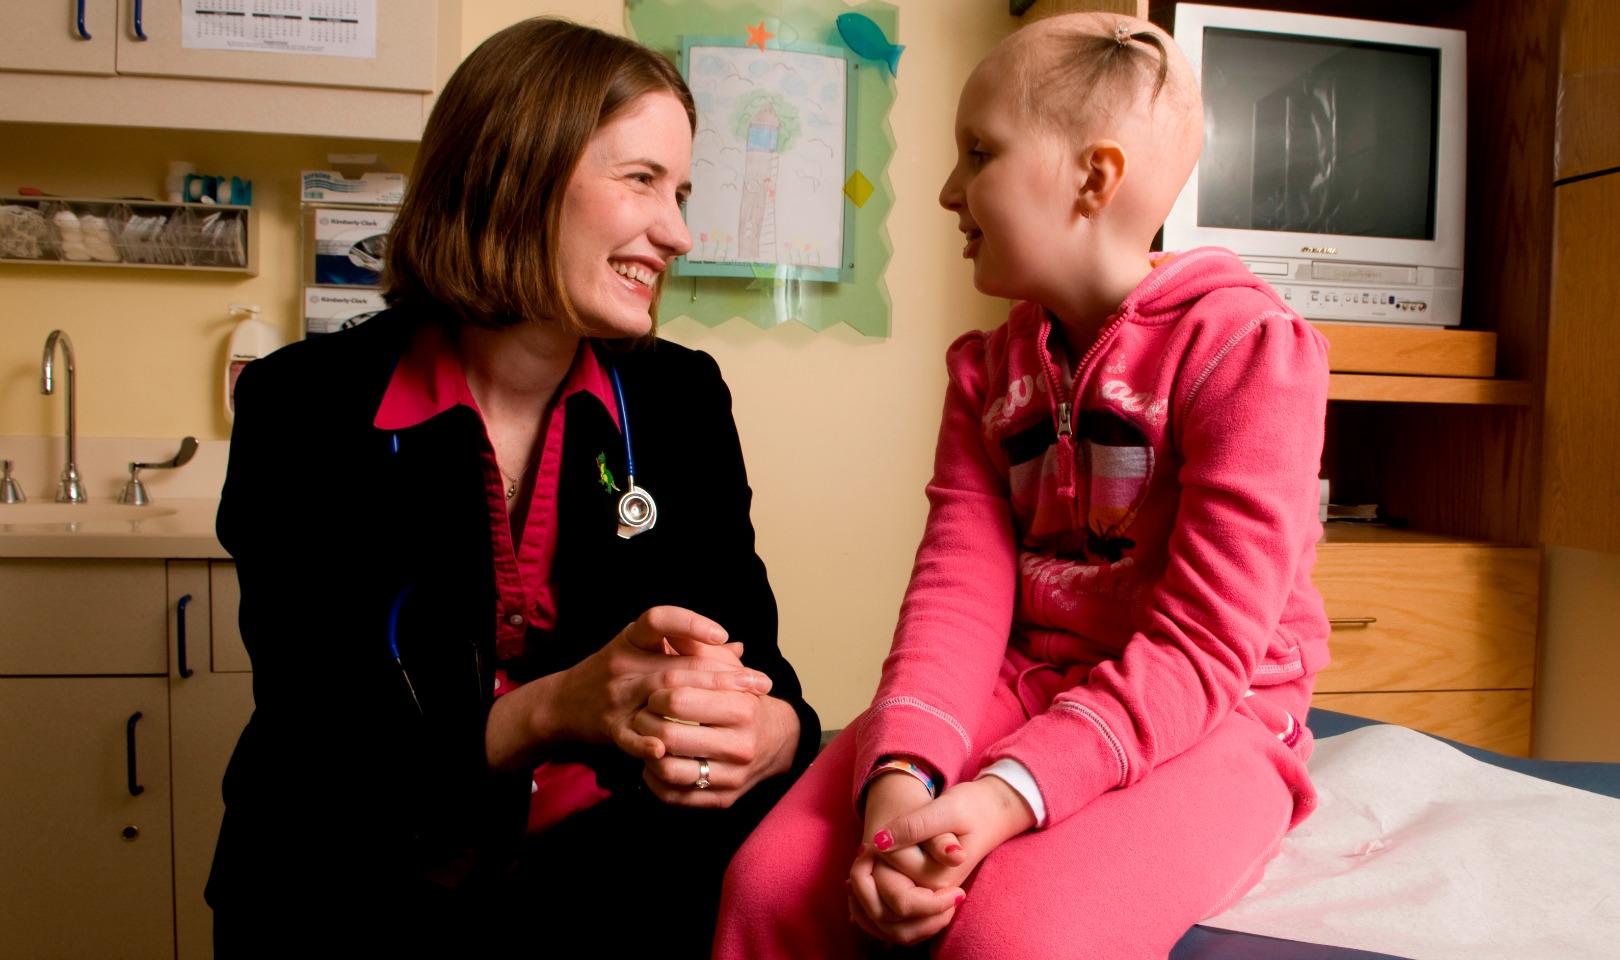 Dr-Schultz-and-patient